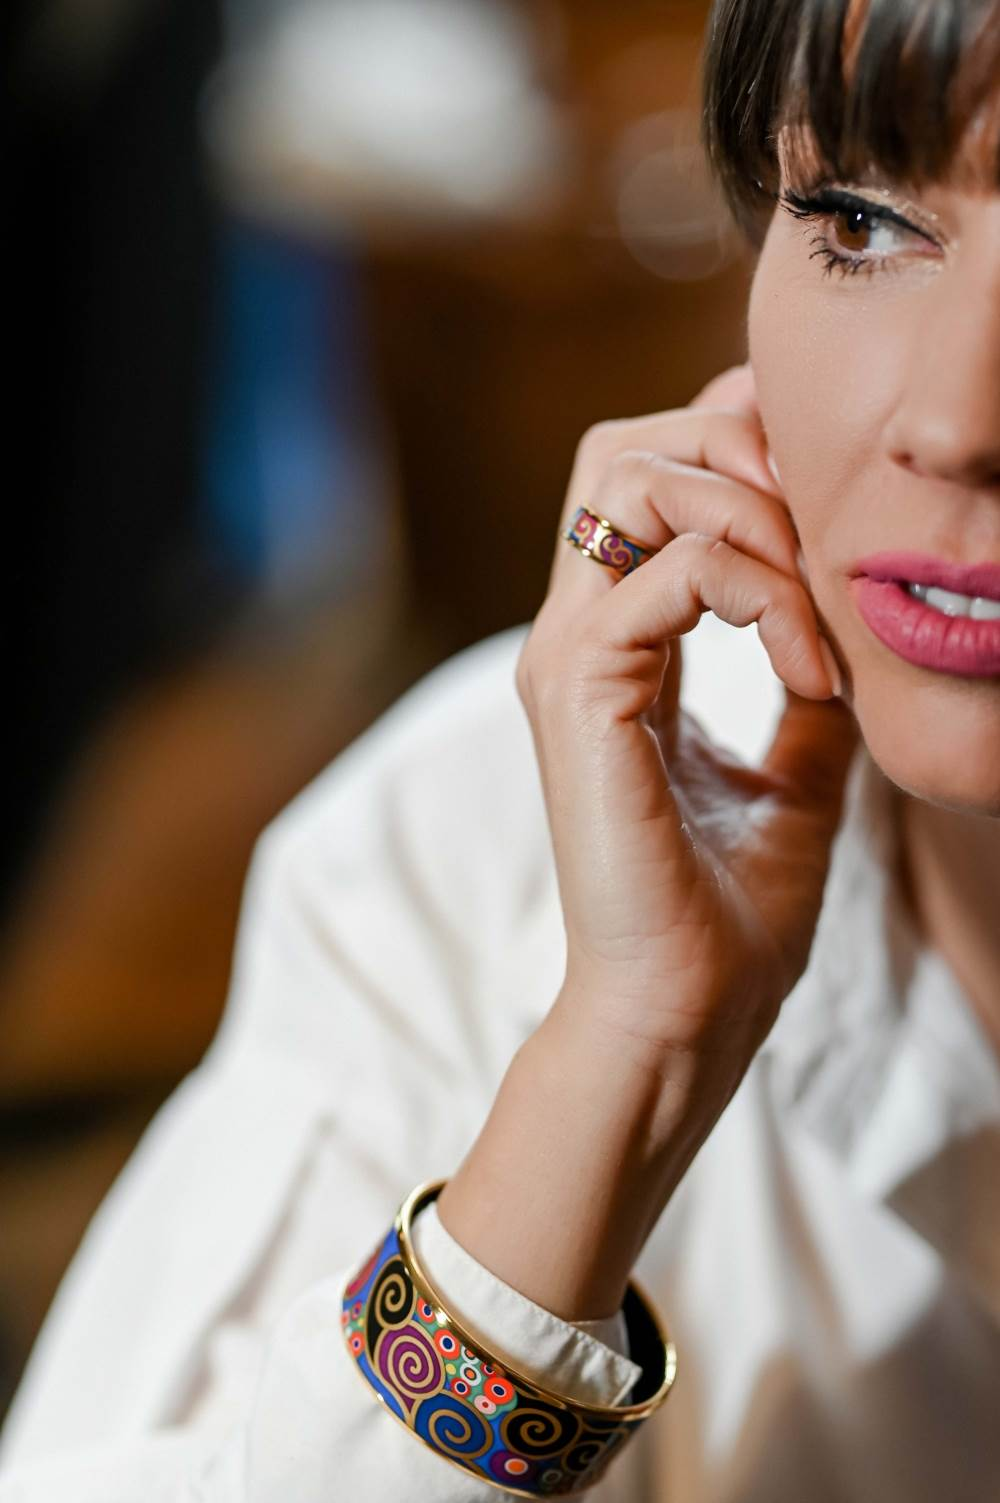 FREYWILLE Narukvica Donna i prsten Miss iz kolekcije Hommage à Gustav Klimt, set Dreams